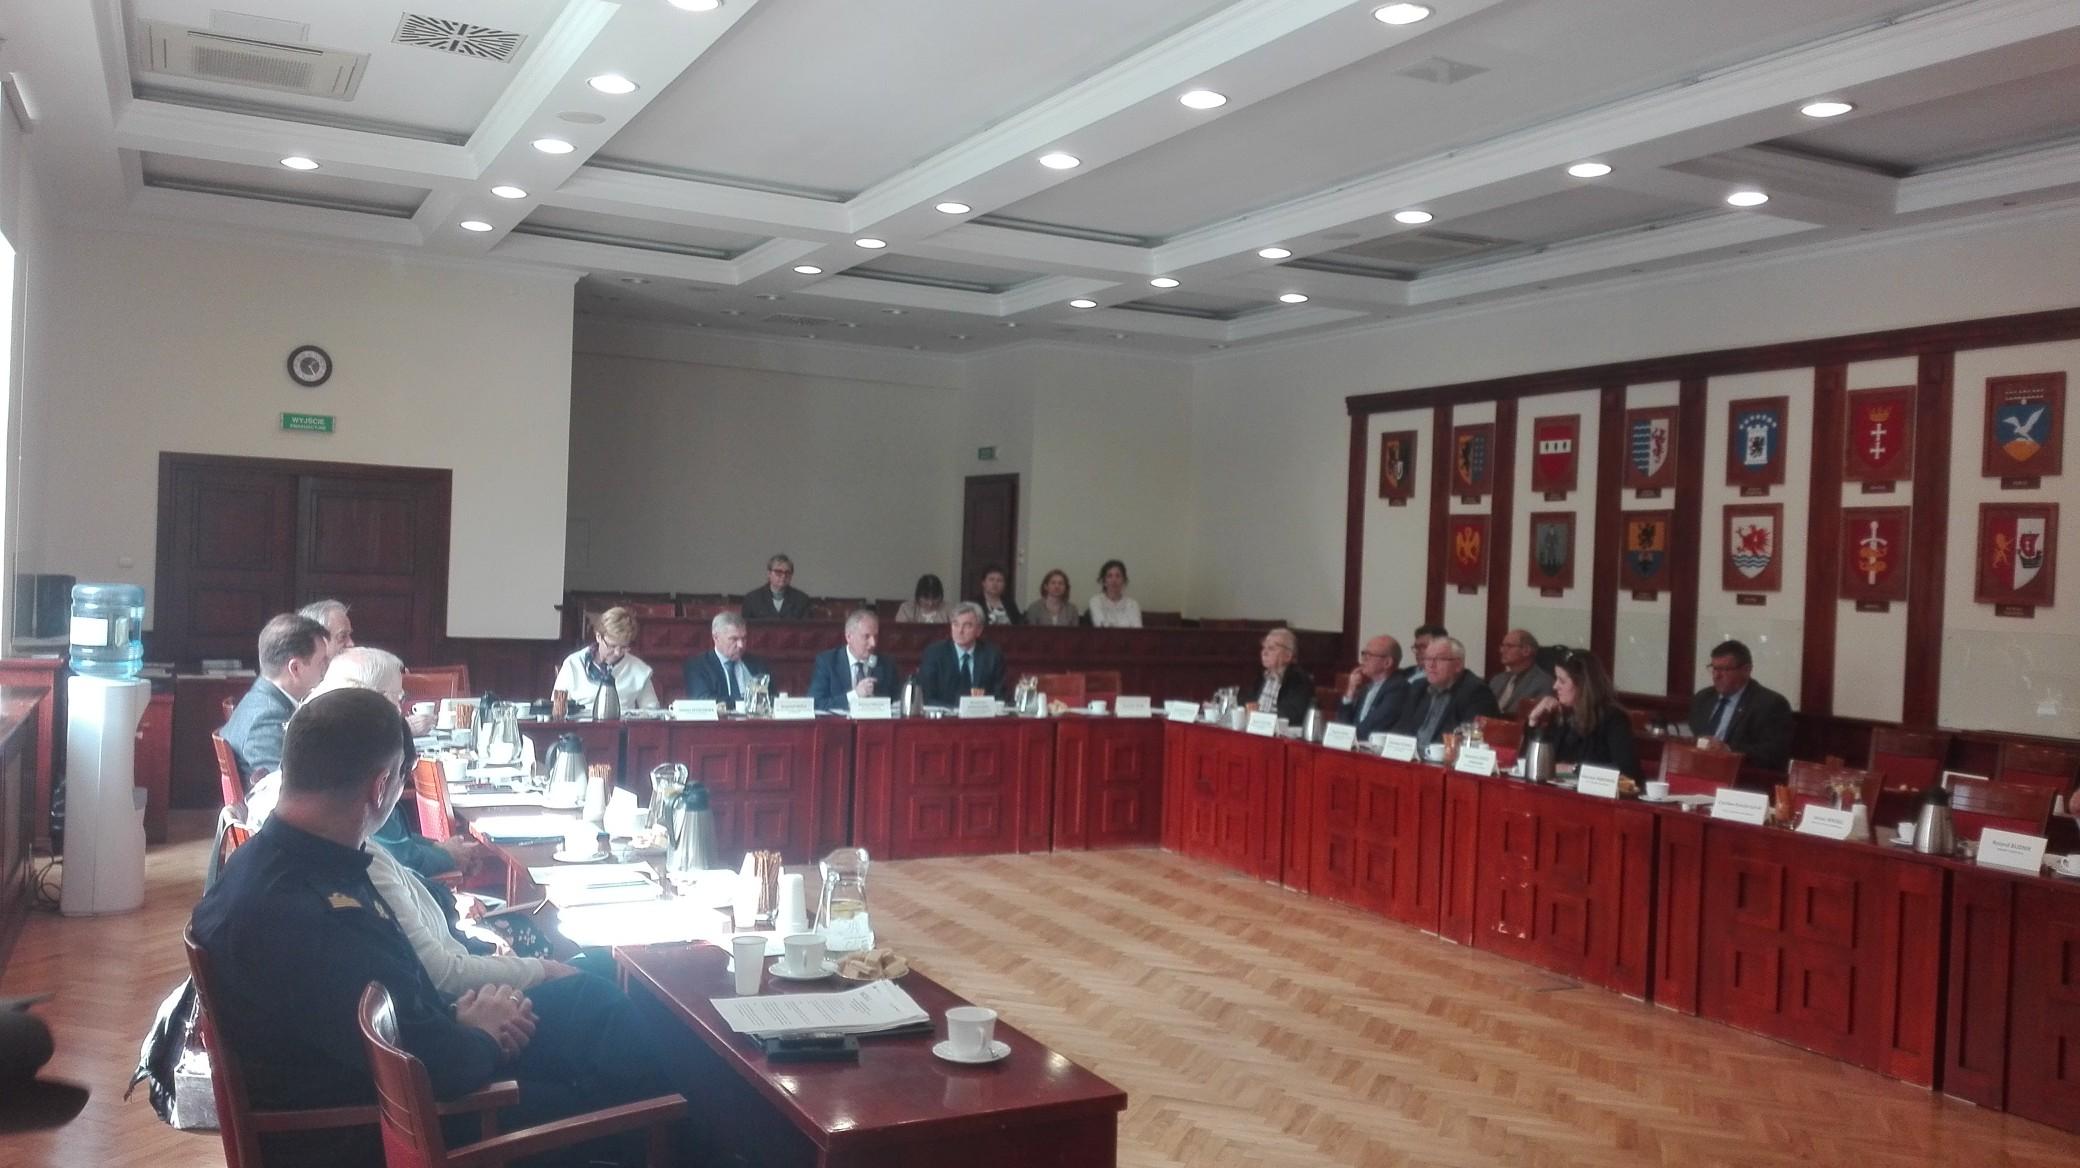 Gospodarka morska i zatrudnianie cudzoziemców tematami plenarnego posiedzenia WRDS 26 kwietnia 2018 r.